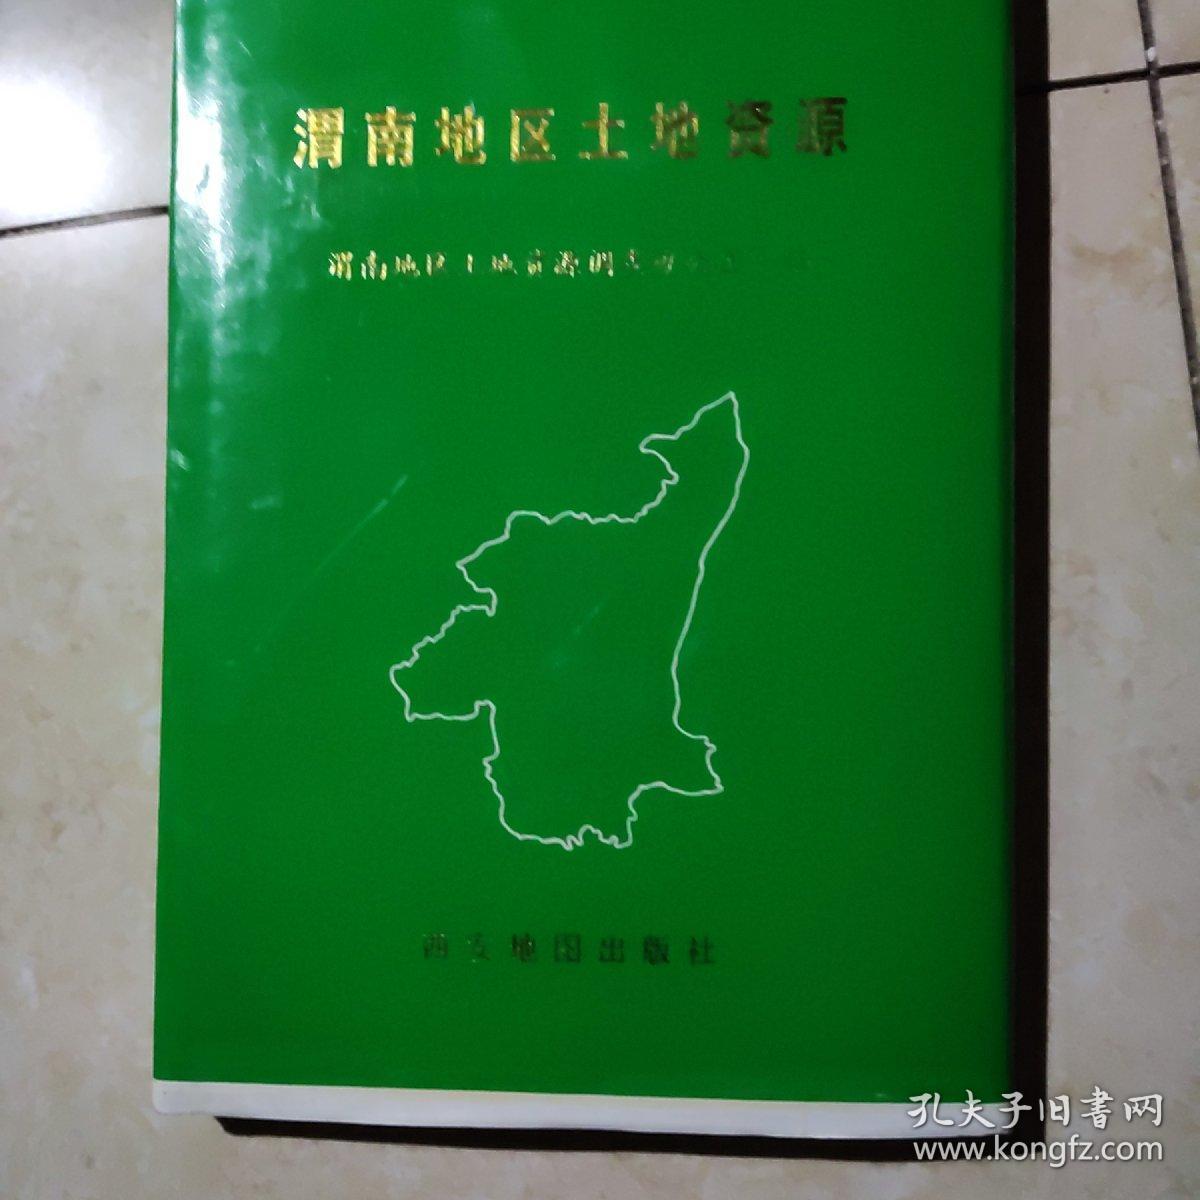 渭南地区土地资源